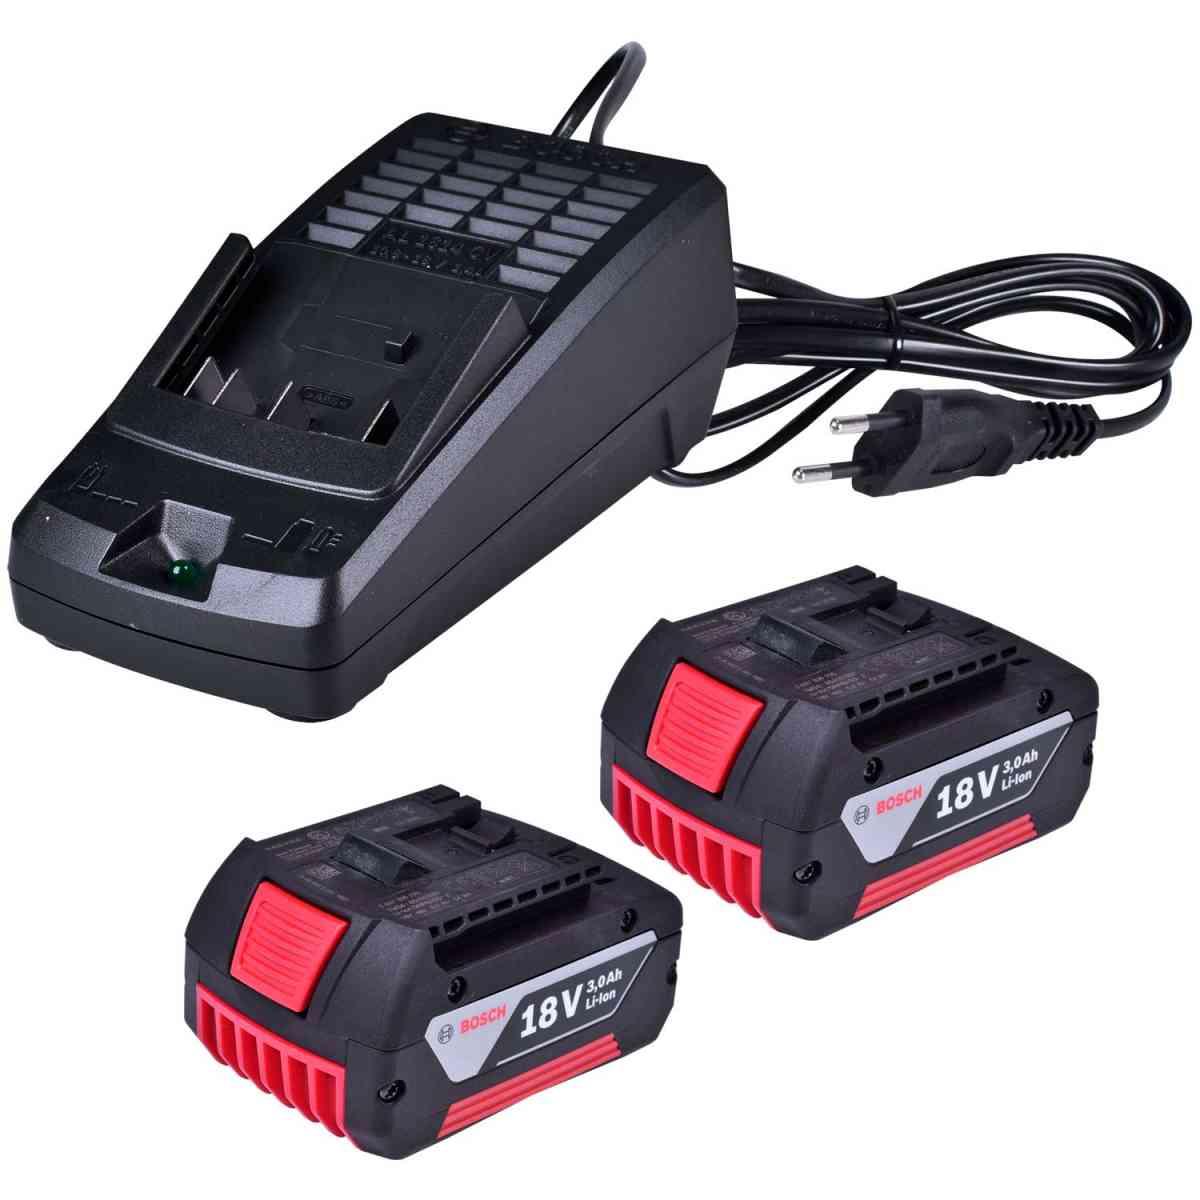 KIT 02 Baterias GBA 18V 3.0AH + Carregador Bivolt + AL1814CV 1600A019CJ - Bosch